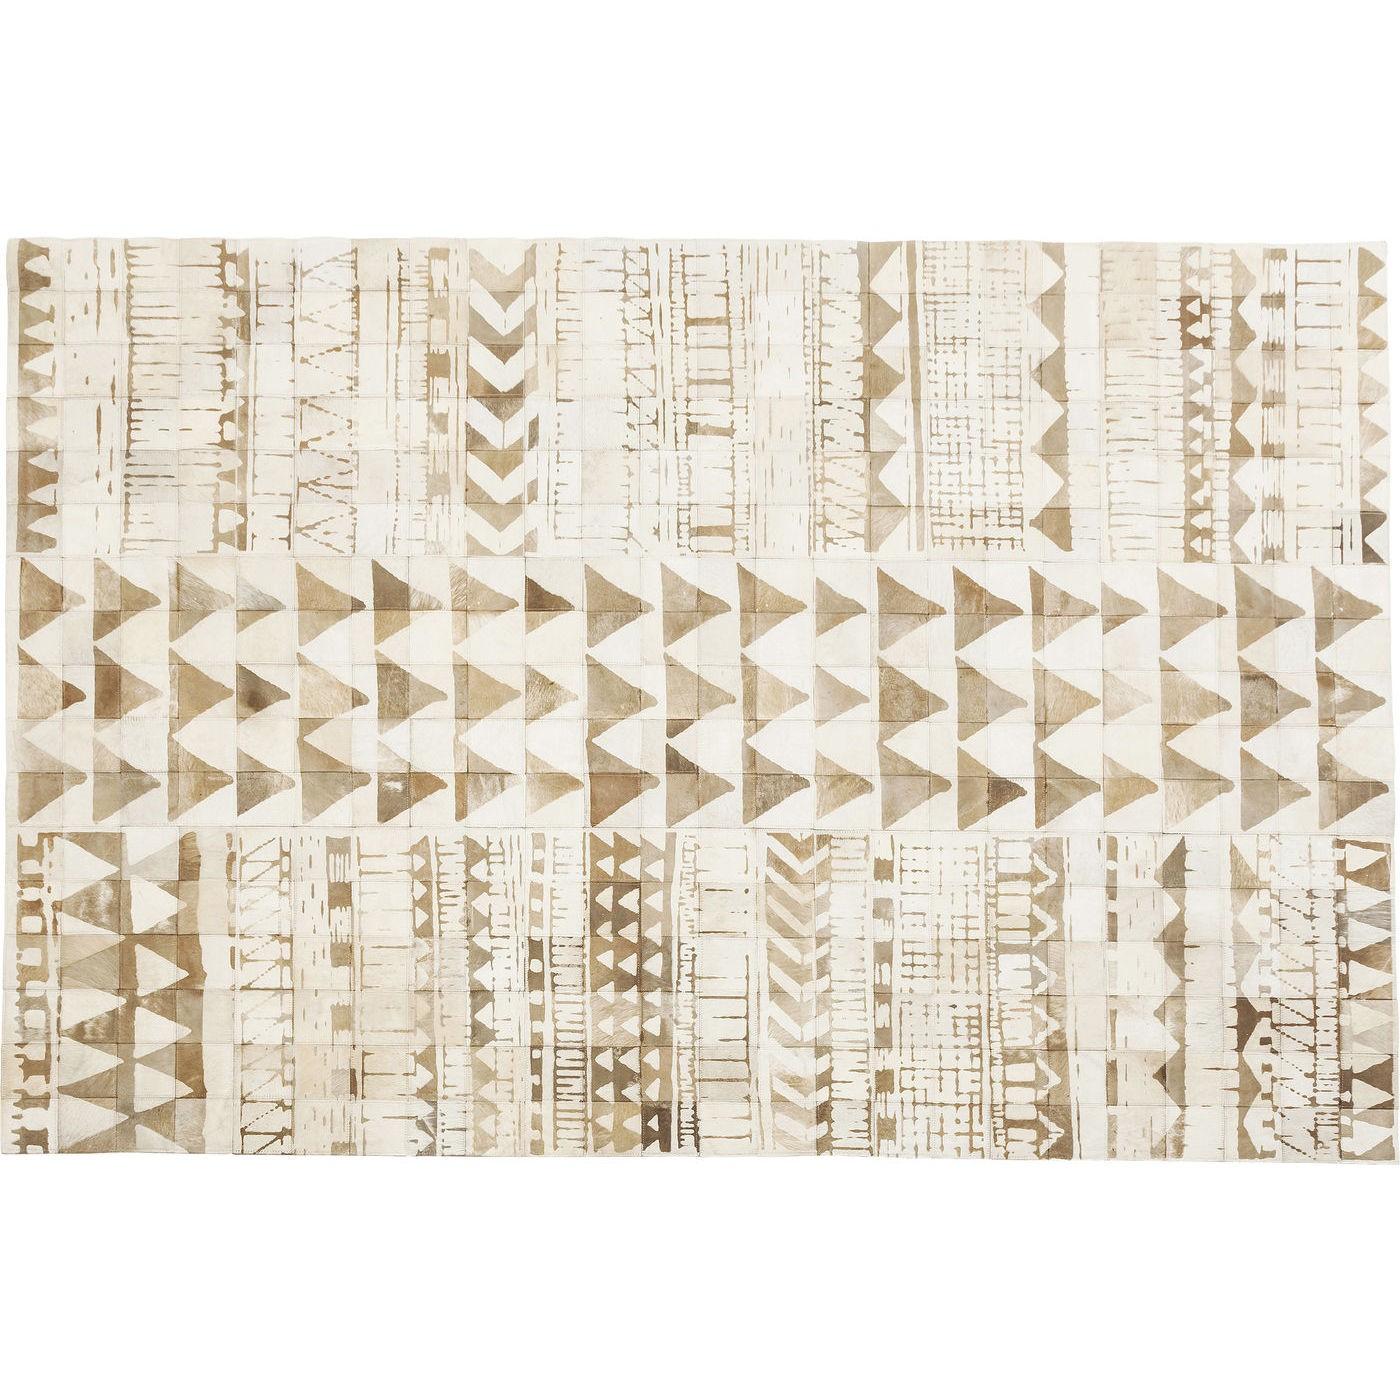 Billede af Tæppe Hieroglyphics Square 240 x 170 cm